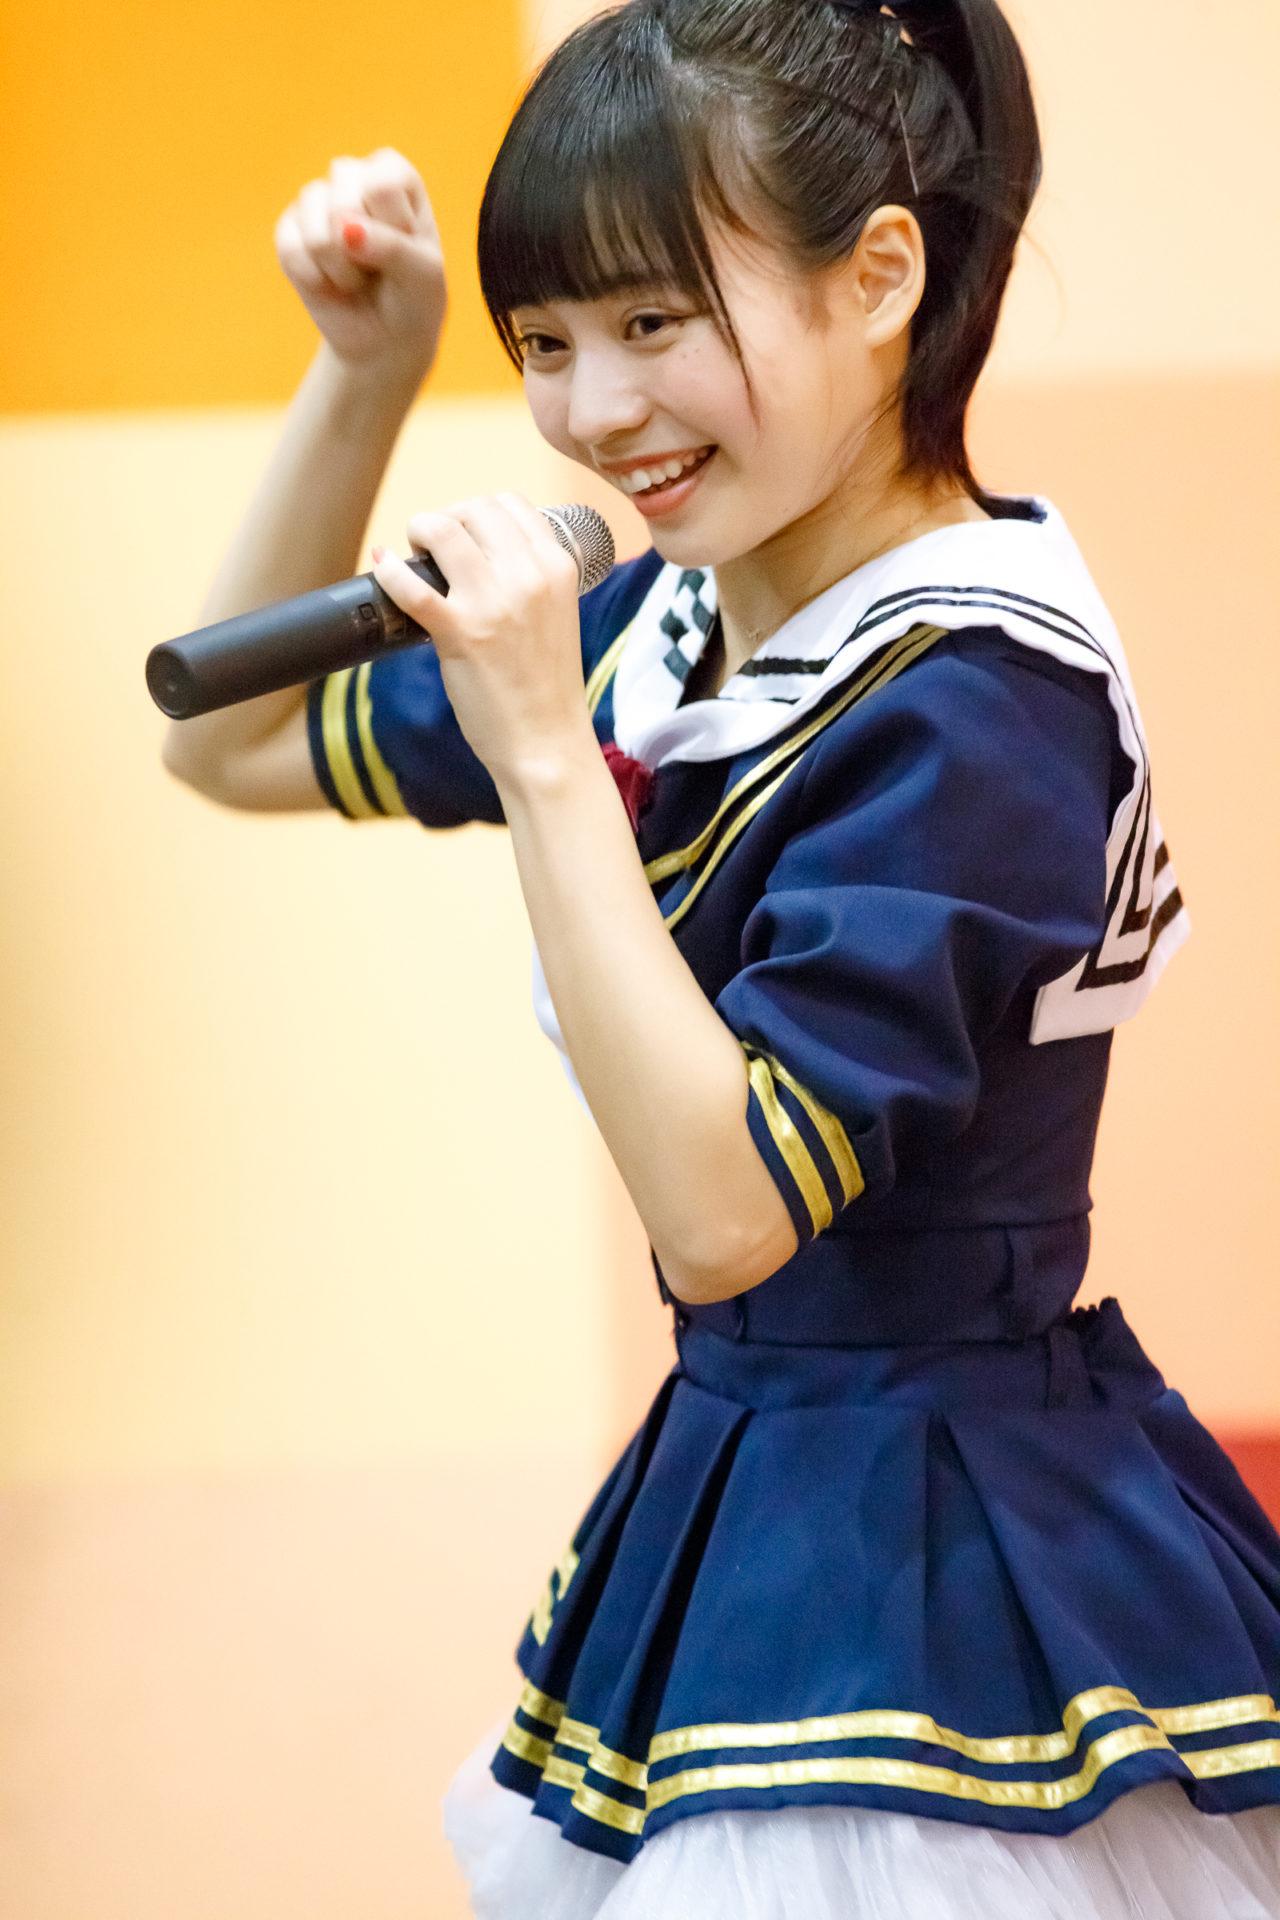 2代目HAPPY少女♪ ゆいな ( 宮崎ゆいな ) | ディノスパーク×ライブプロ マンスリーLIVE vol.2